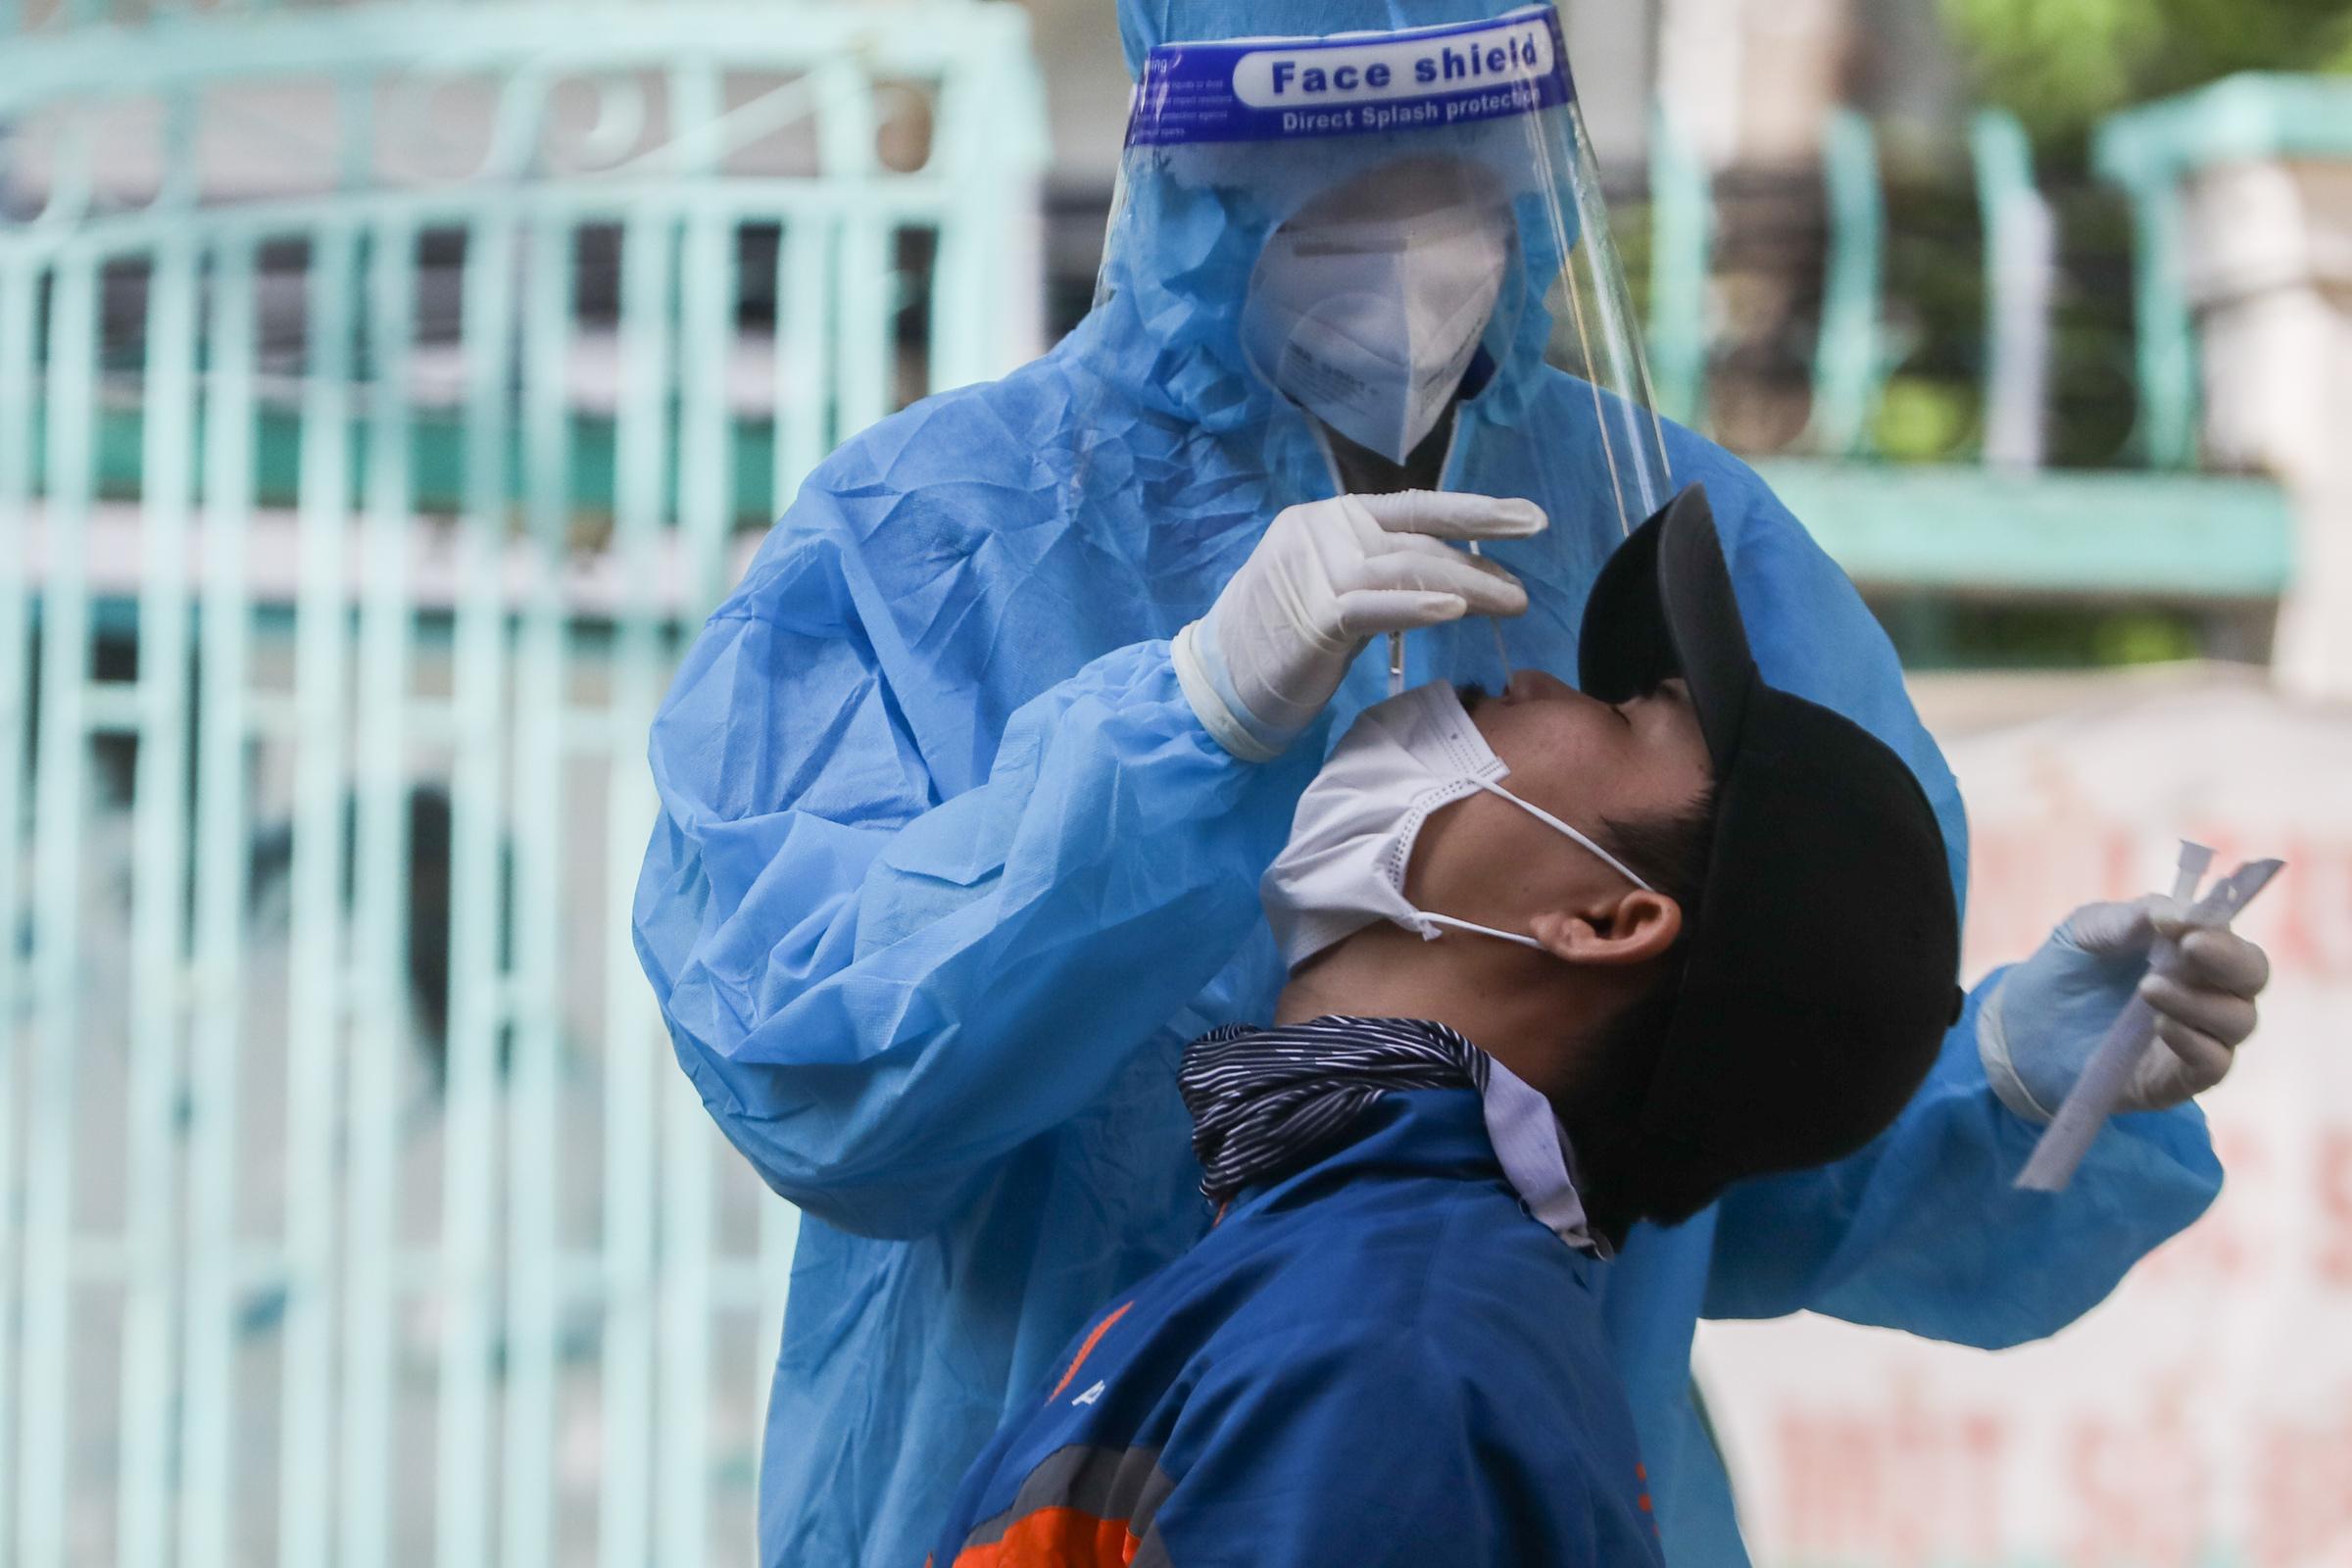 Nhân viên y tế lấy mẫu xét nghiệm Covid-19 cho shipper tại quận Gò Vấp, ngày 31/8. Ảnh: Quỳnh Trần